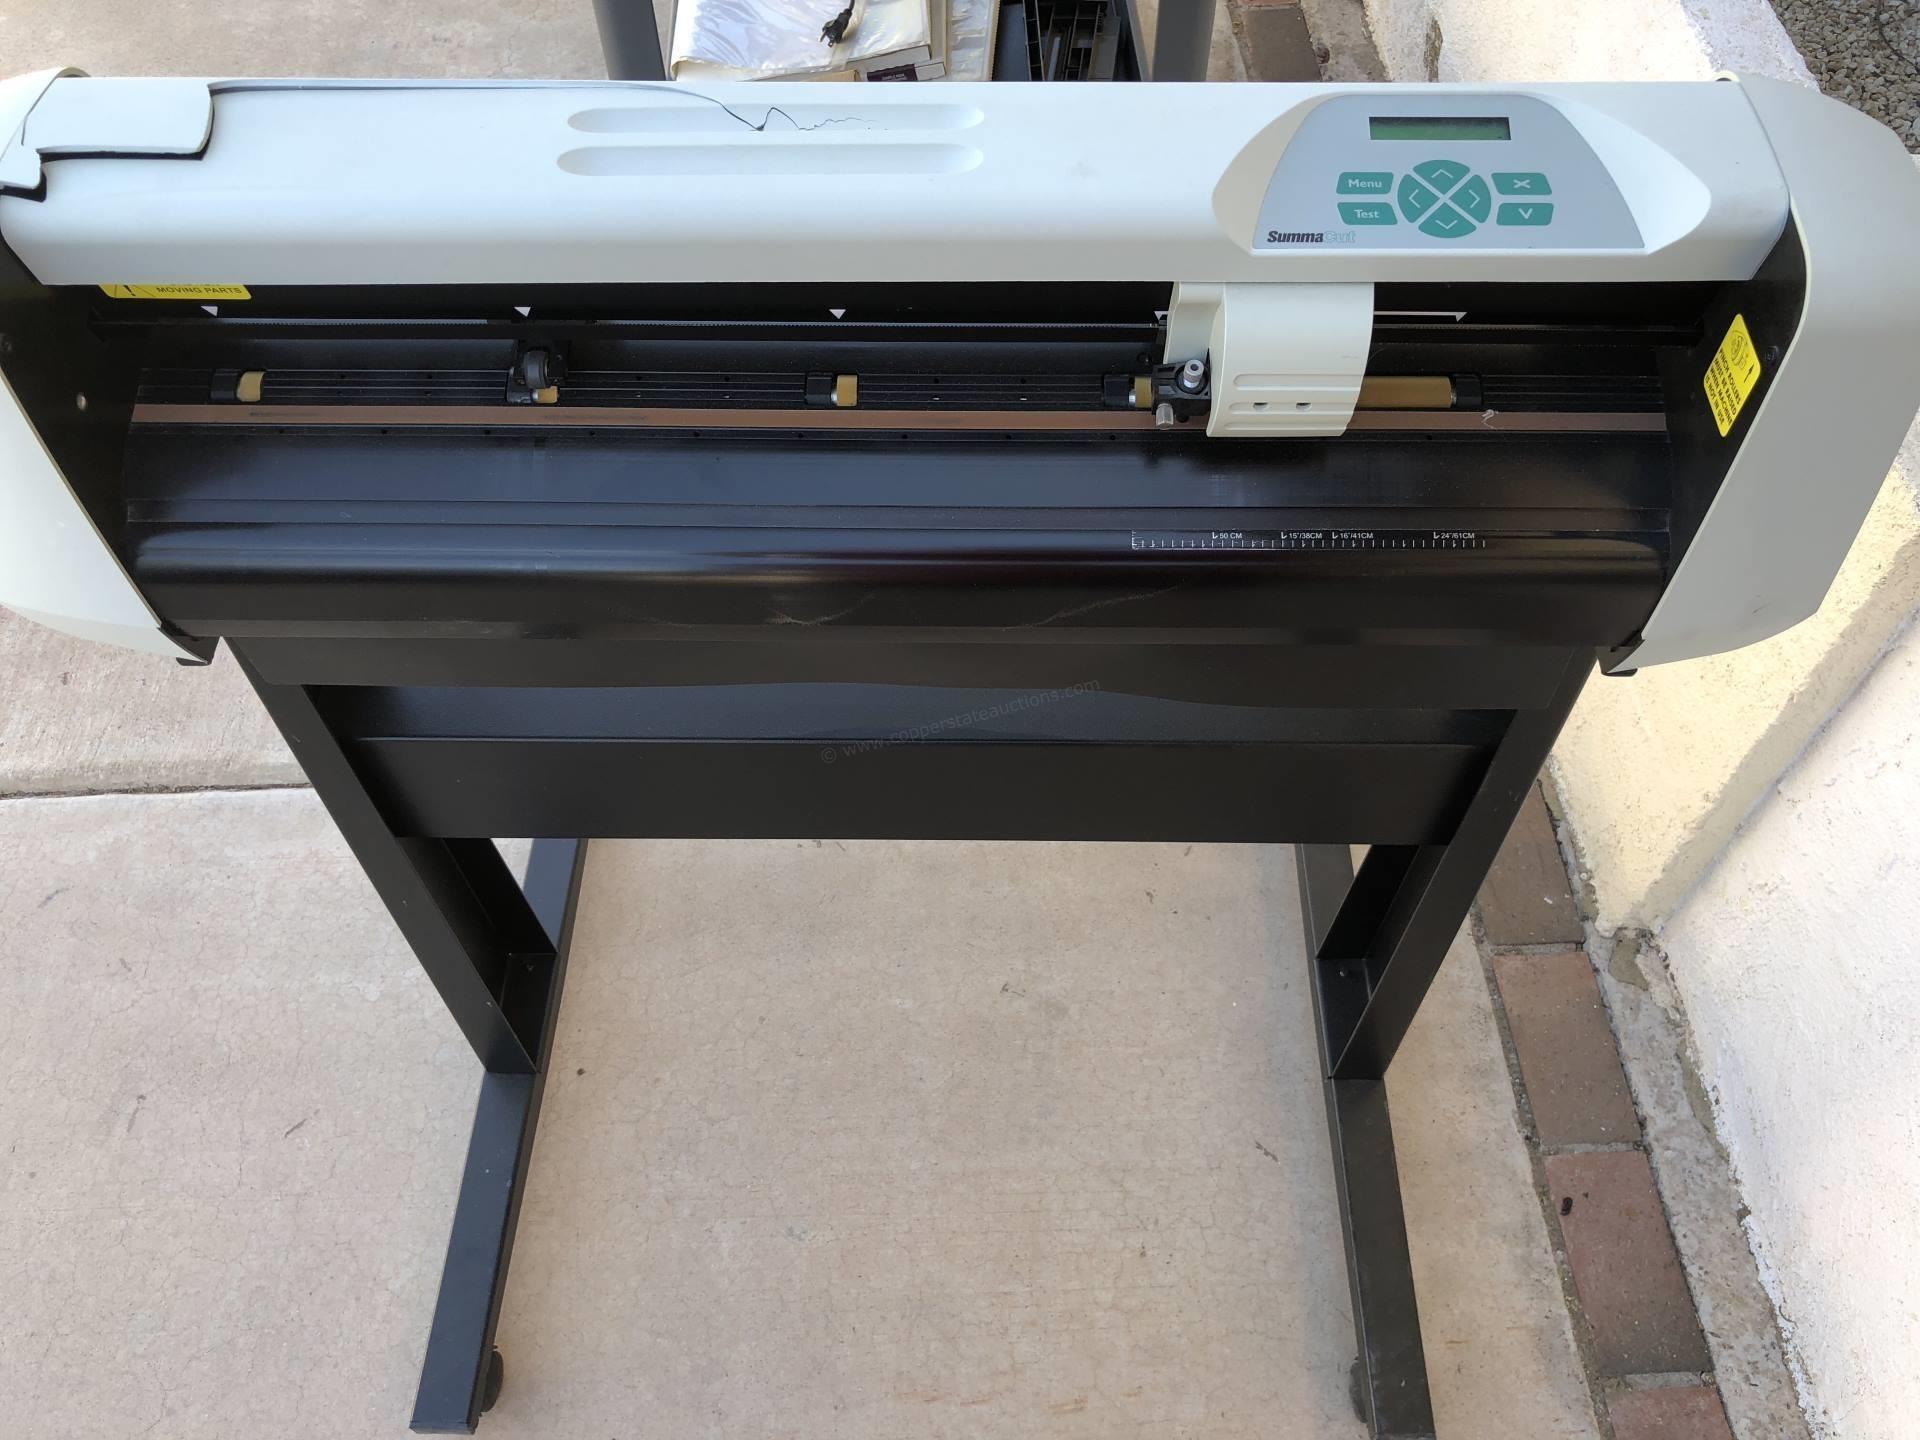 Summa Cut computerized die cutter | Copper State Auctions